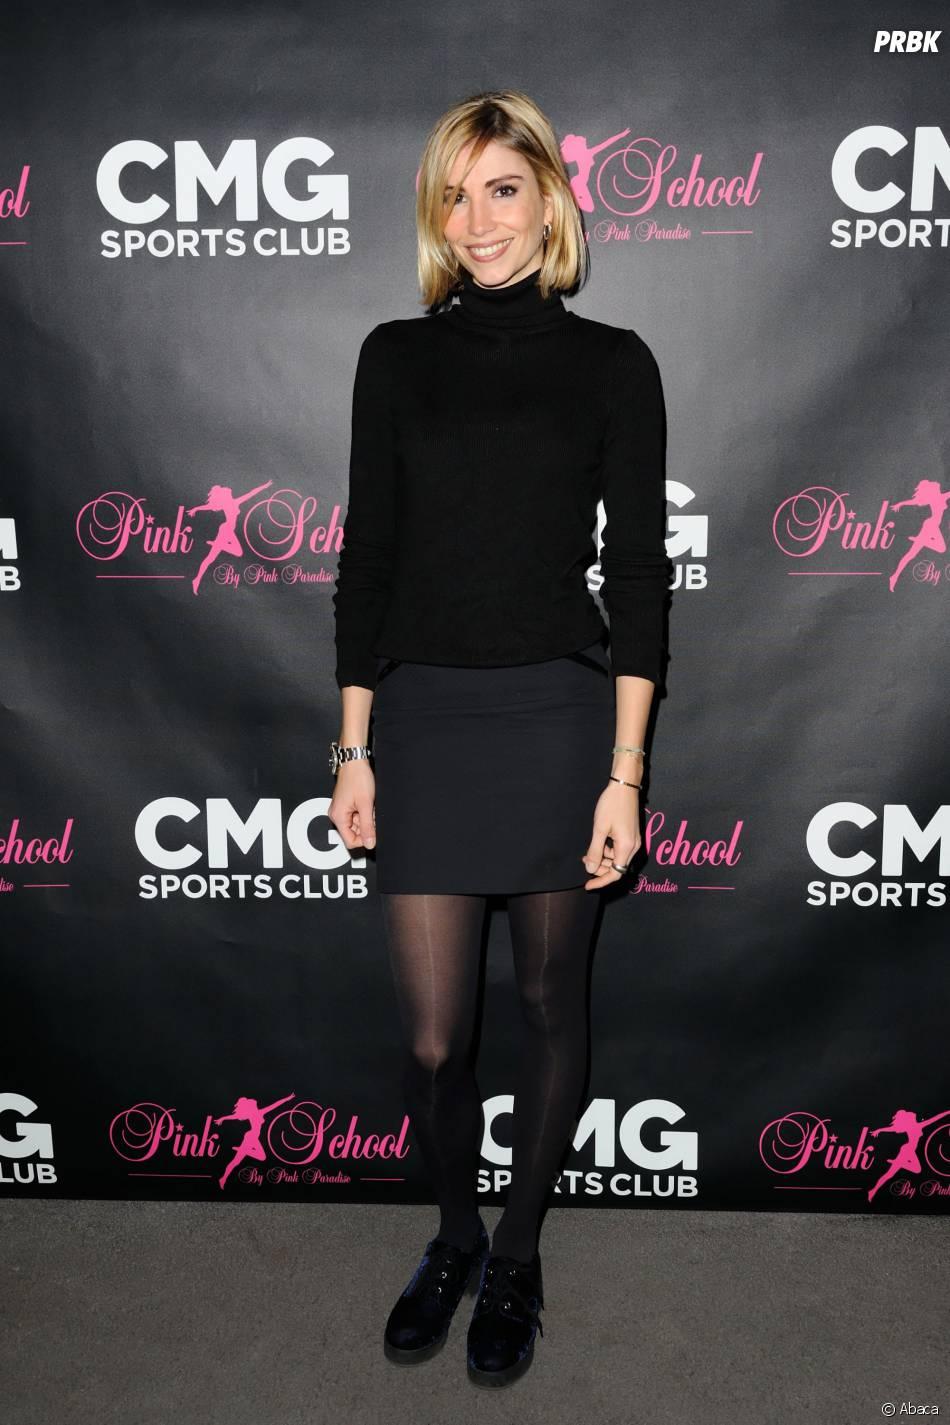 Alexandra Rosenfeld à la soirée de lancement des cours de pole dance par le CMG Sports Club et la Pink School, le 22 janvier 2015 à Paris